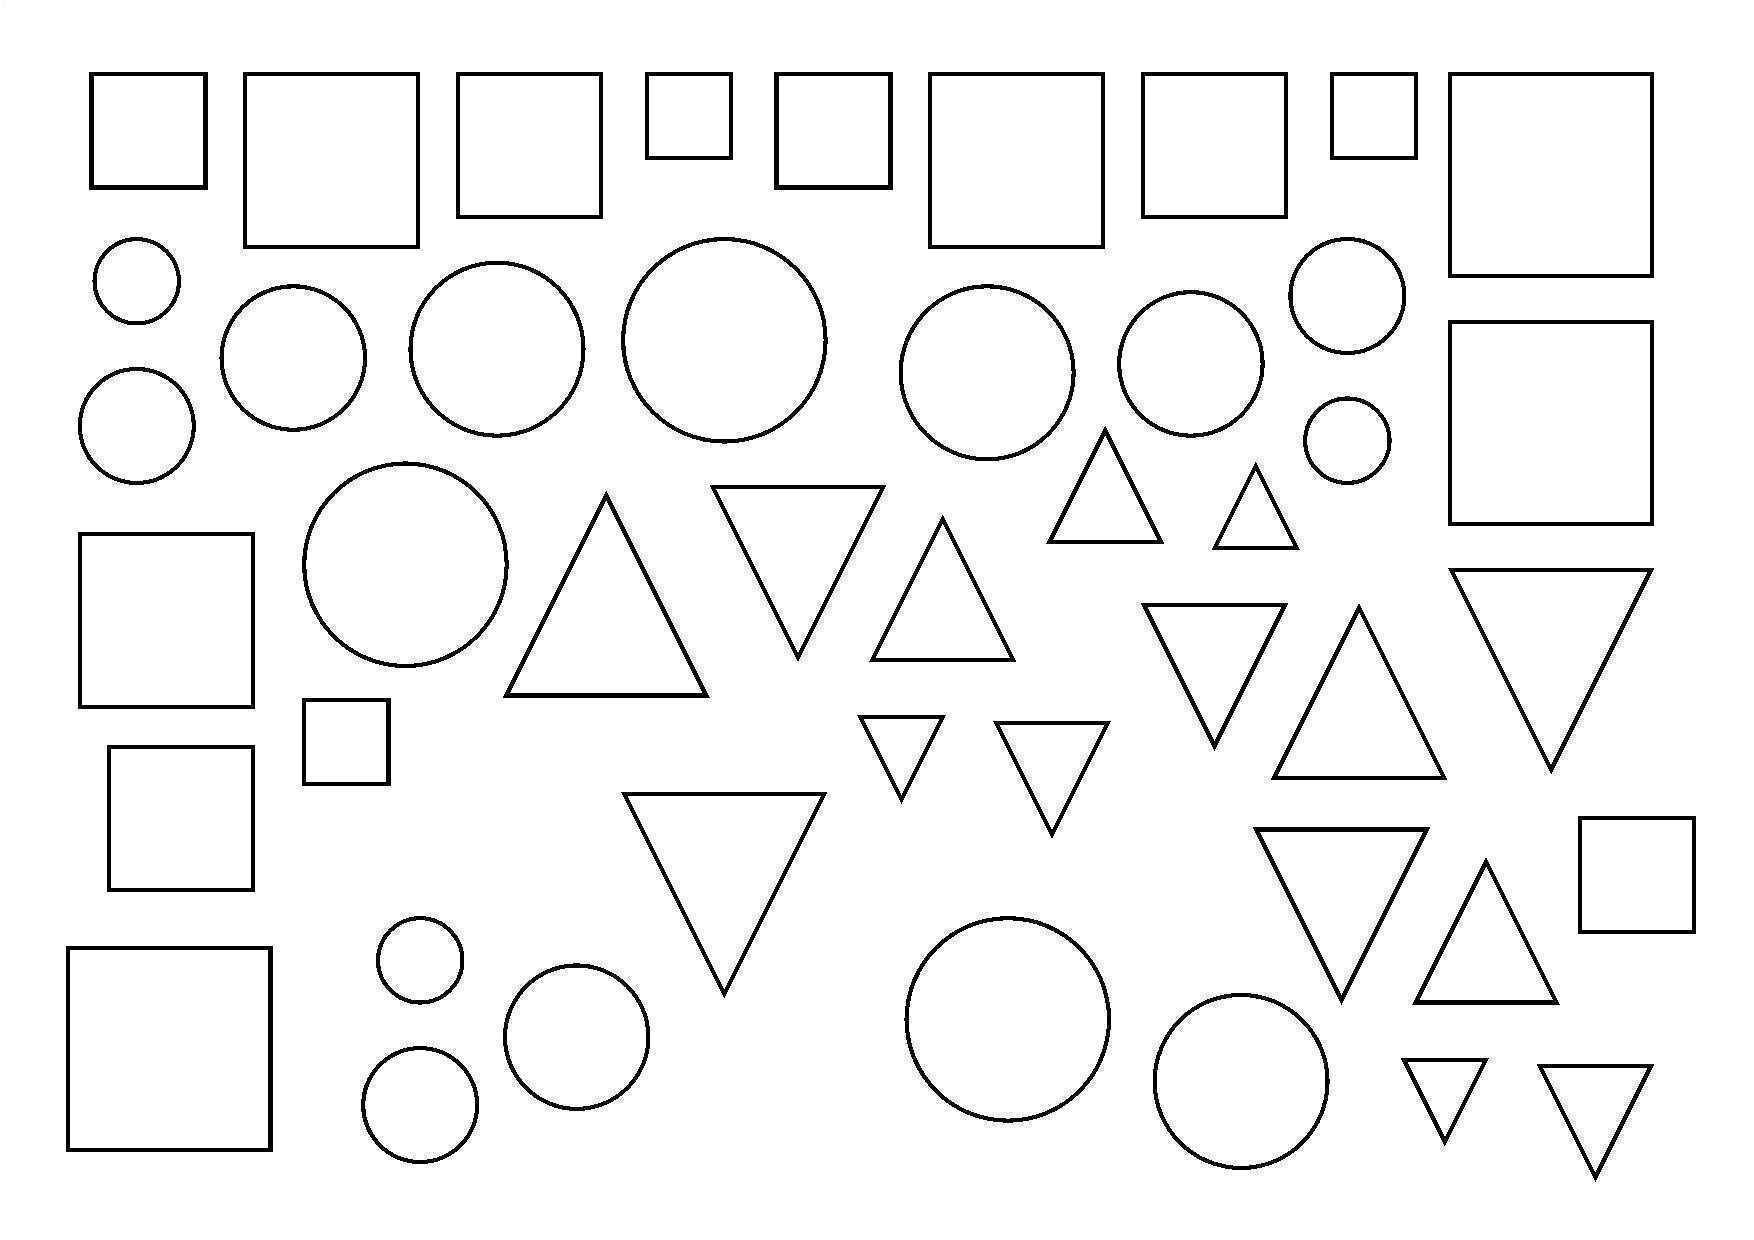 Coloriages À Imprimer : Carré, Numéro : E8Af89Fd intérieur Dessin Symétrique A Imprimer